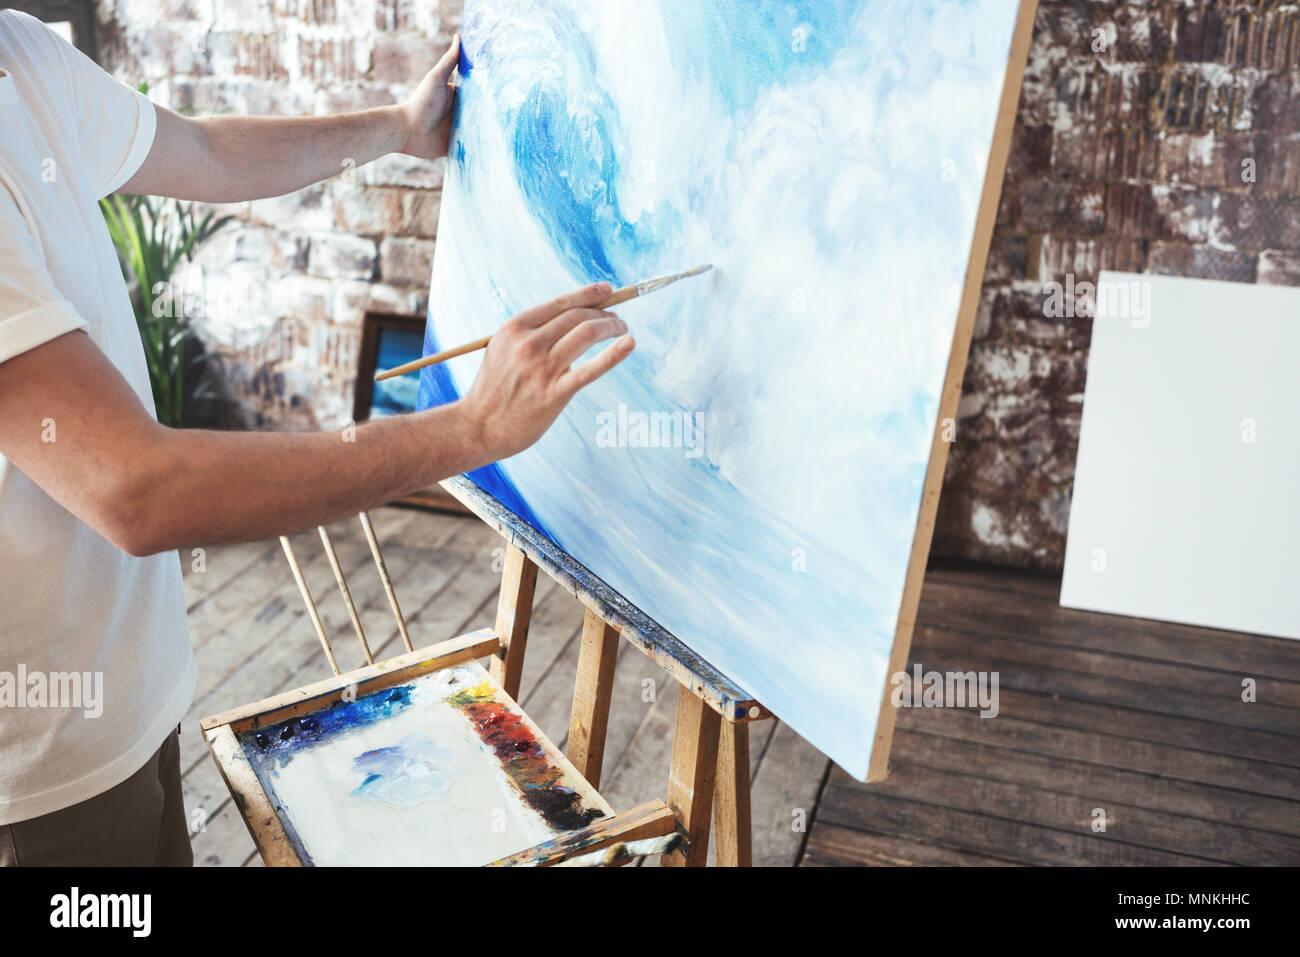 Prozess der Zeichnung mit oilpaints und Pinsel. Künstler malt auf Leinwand malen auf staffelei im Studio. Hobby Stockbild